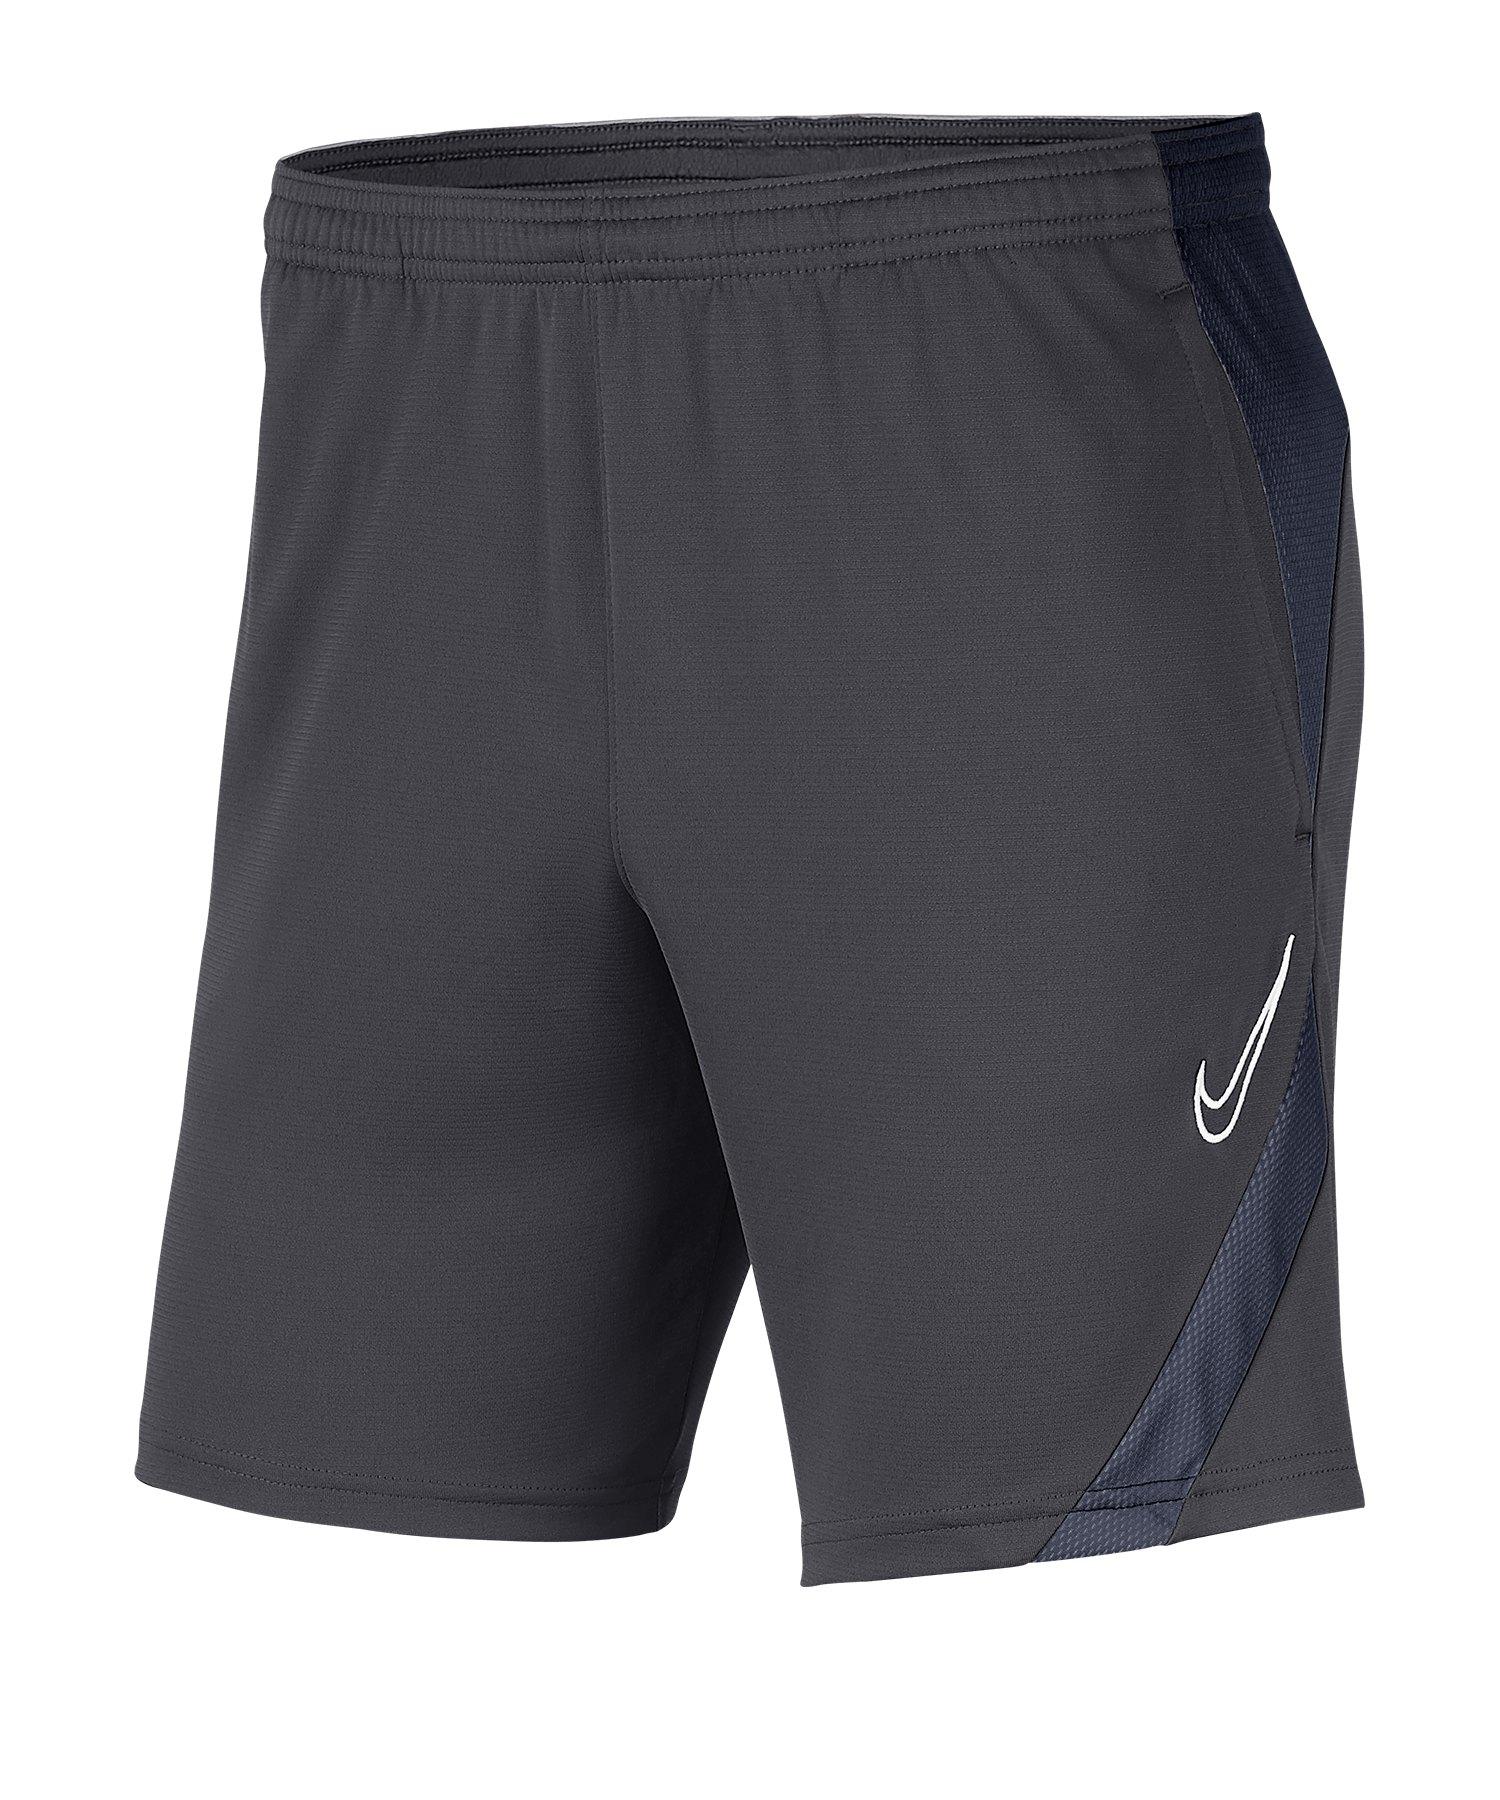 Nike Academy Pro Short Kids Grau F061 - grau